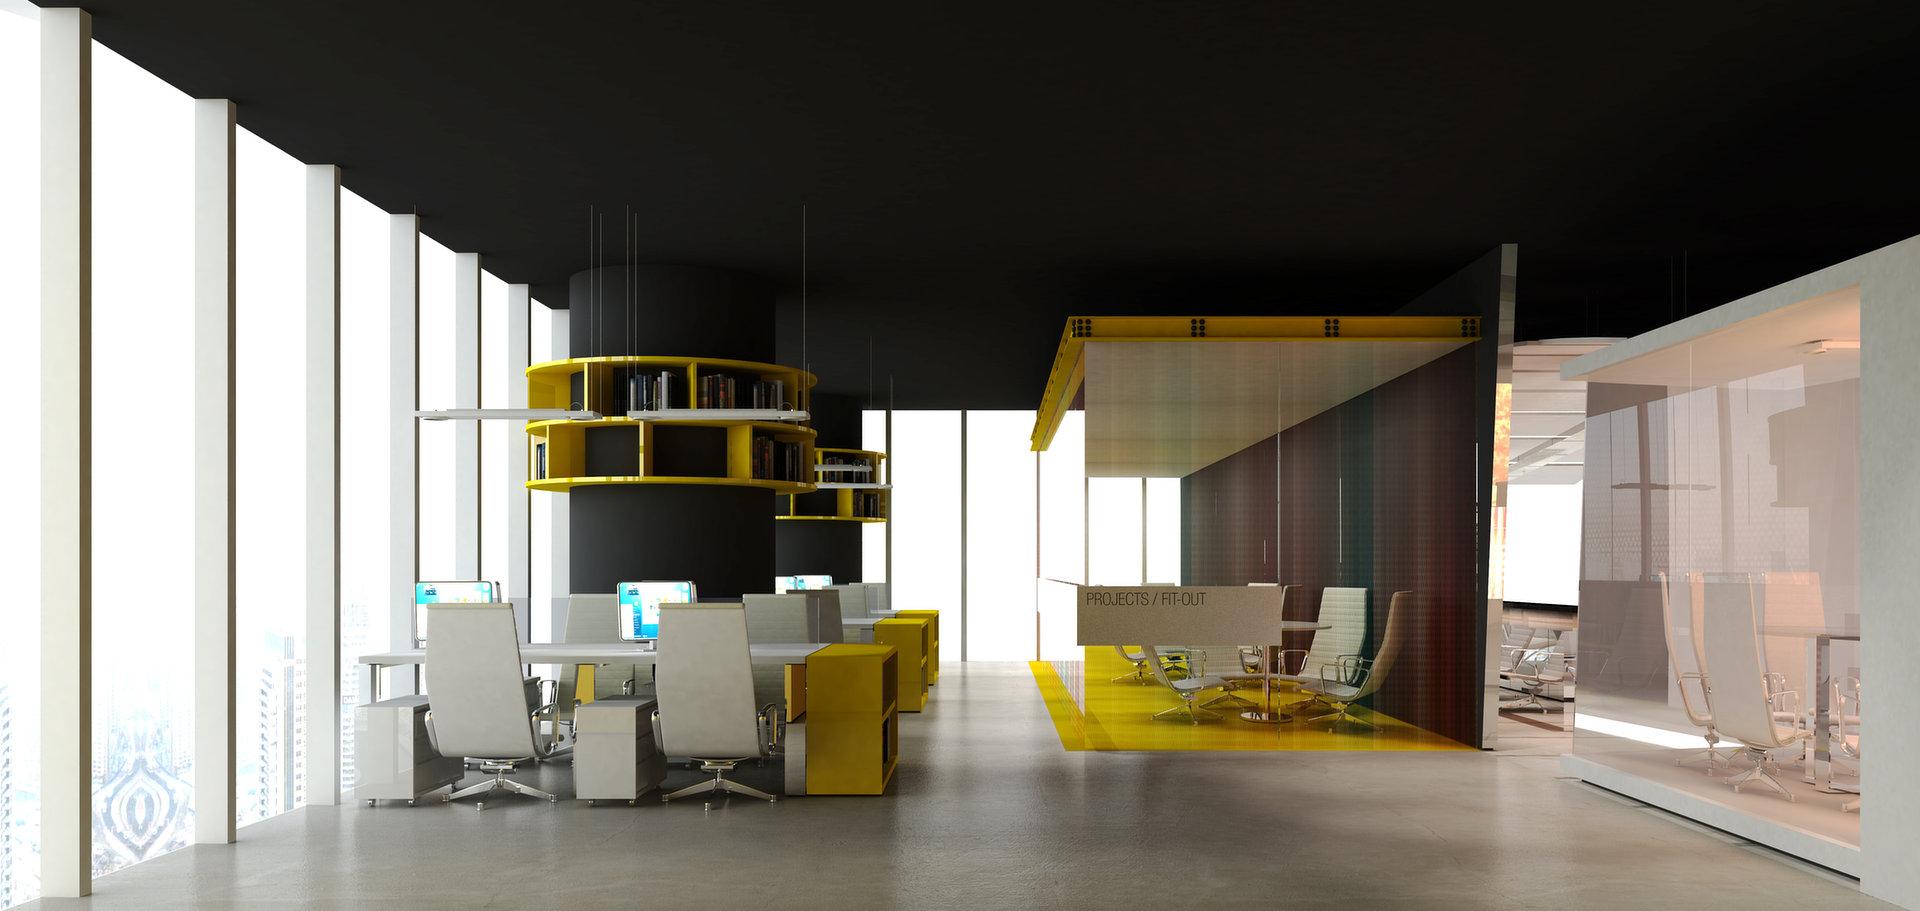 MHG Office Interior Design - Dubai